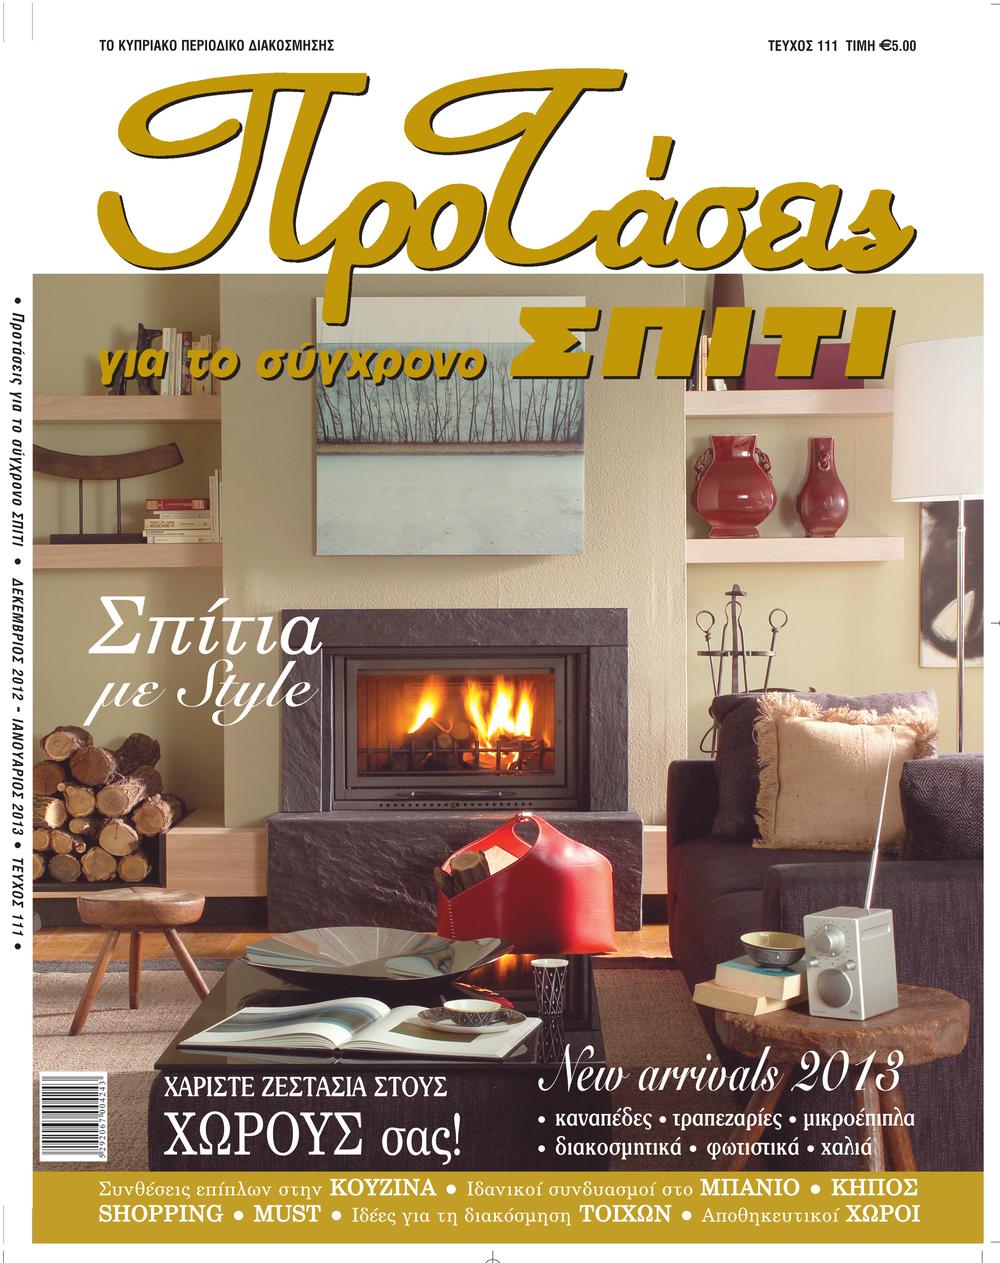 Protaseis gia to Sygxrono Spiti Issue 111